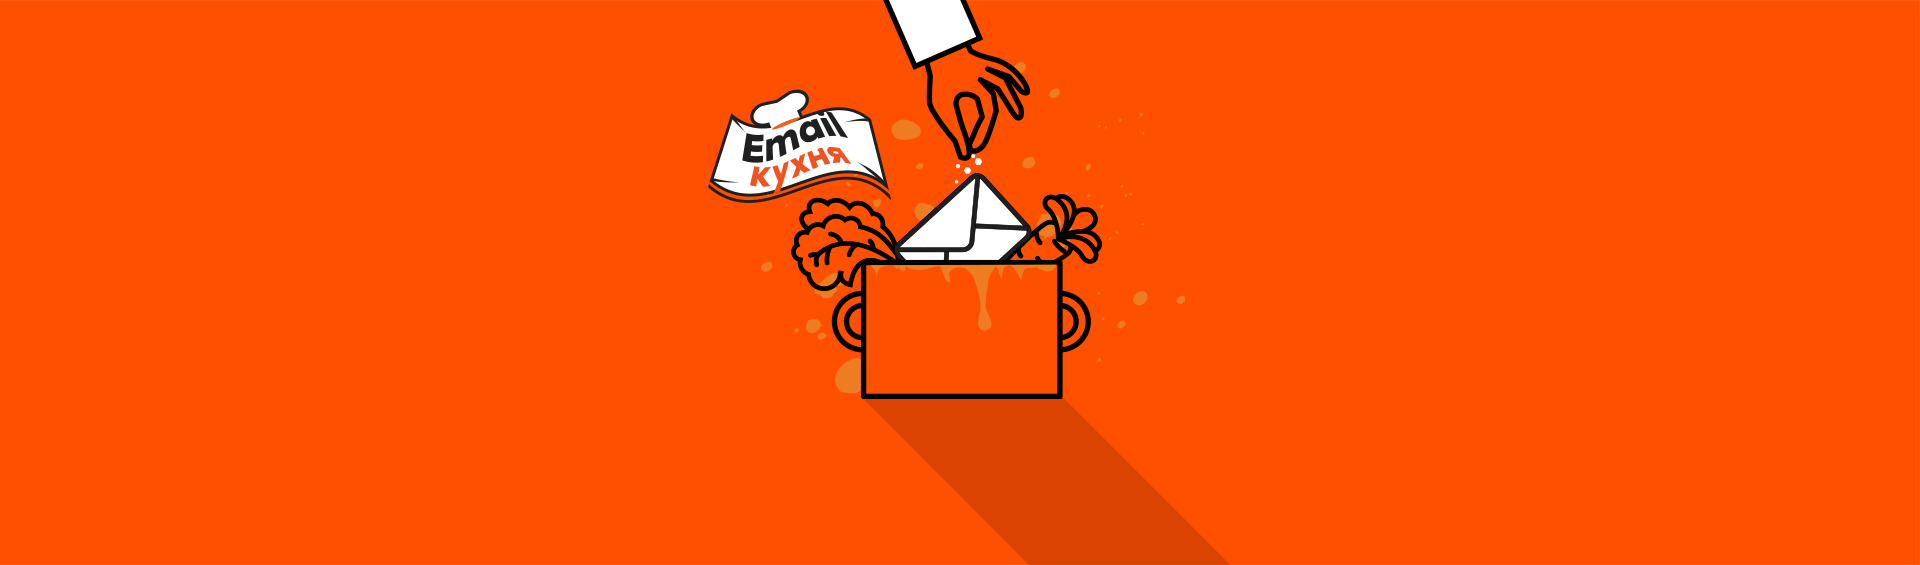 «Email-кухня», сериал орассылках, первый сезон